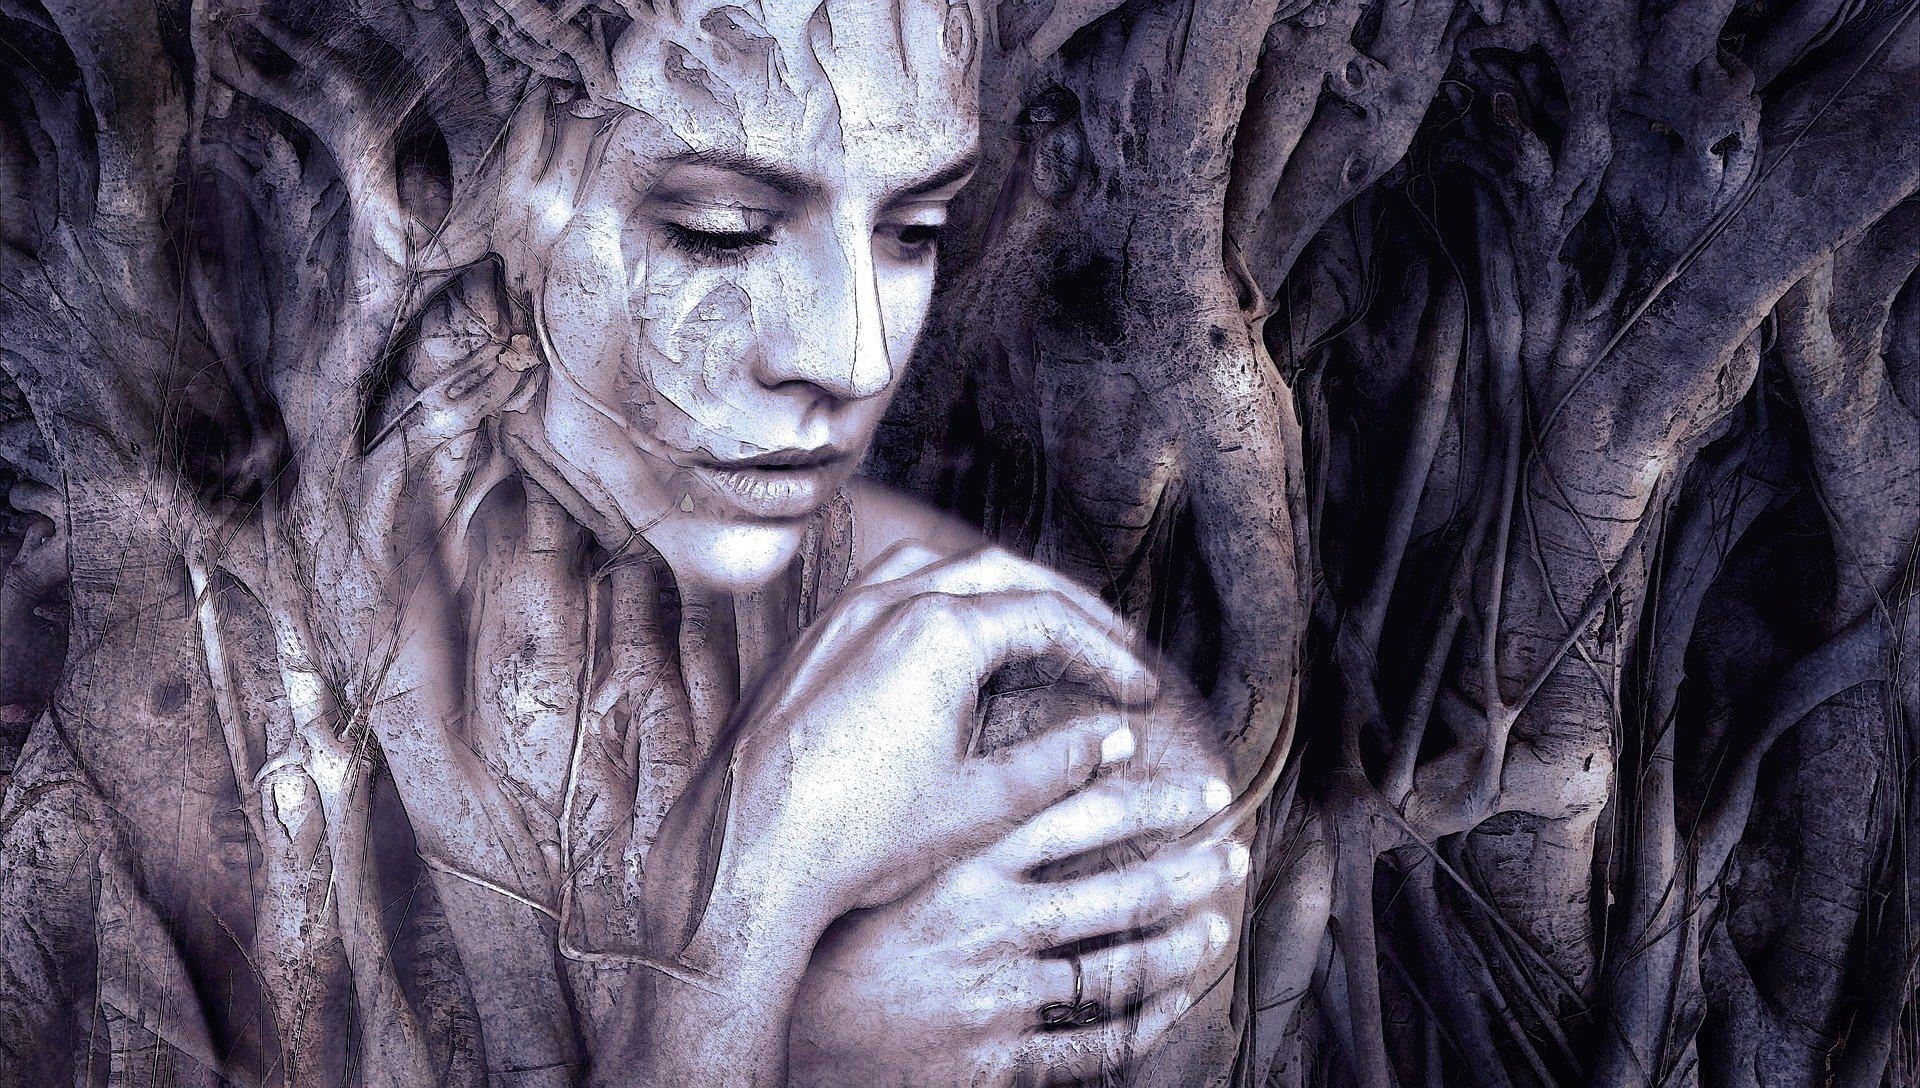 The curse of Ondine: A Deadly Sleep Disorder